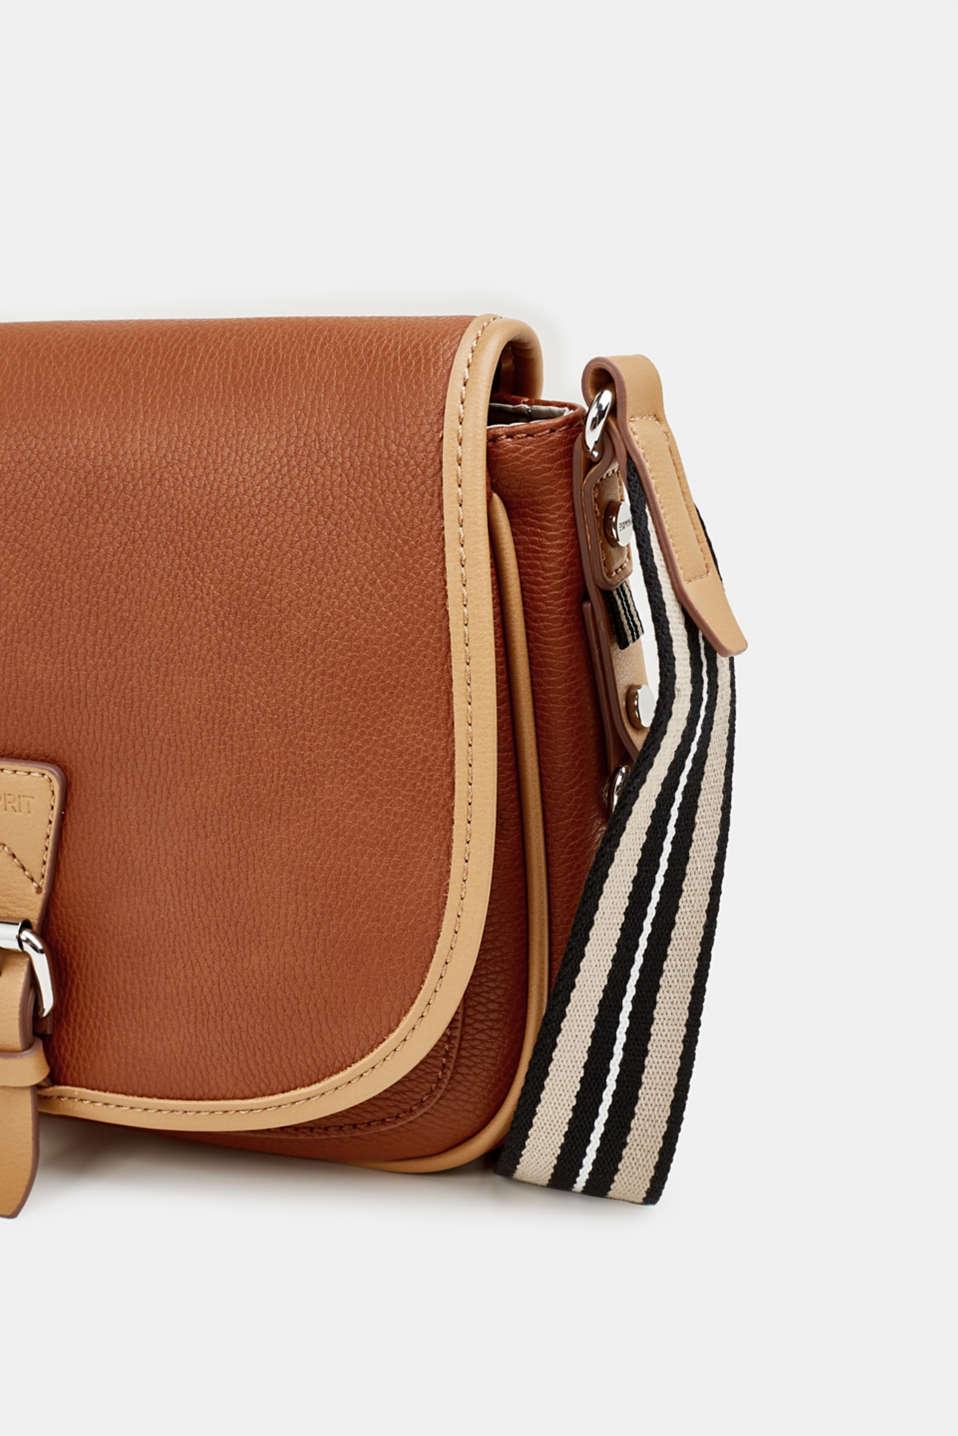 Susie T. shoulder bag, RUST BROWN, detail image number 3